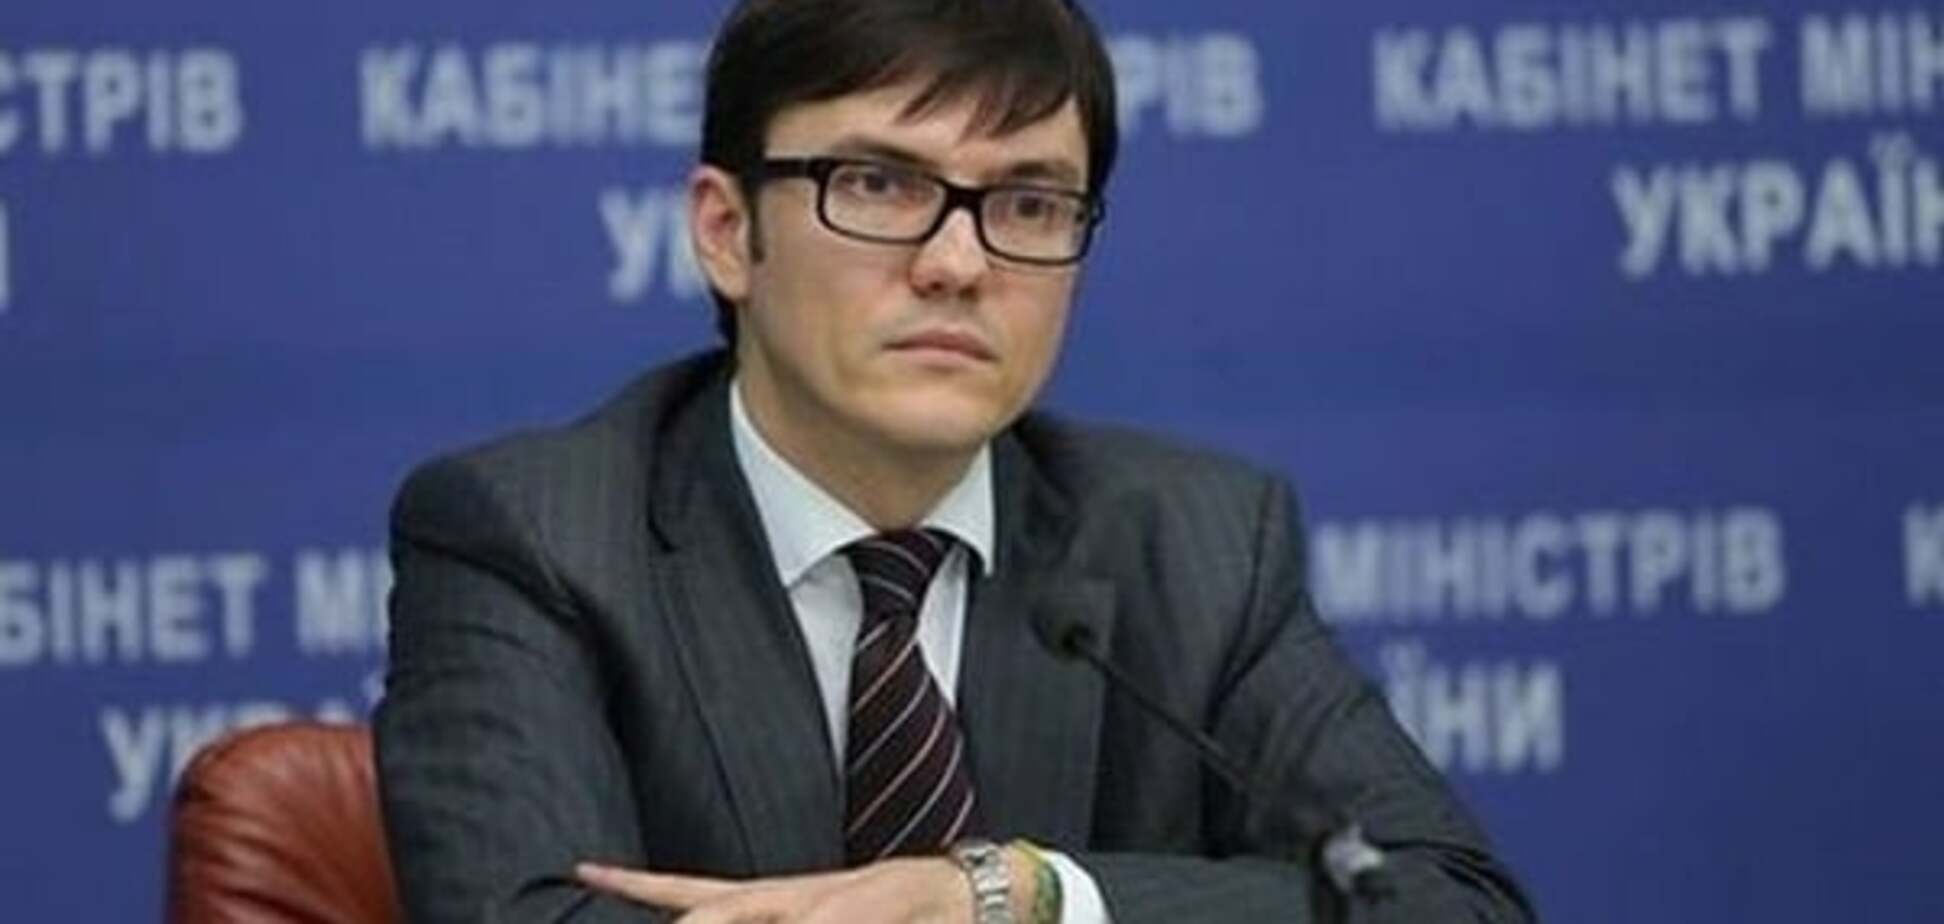 Пивоварский пообещал 20 млрд грн на ремонт дорог в Украине